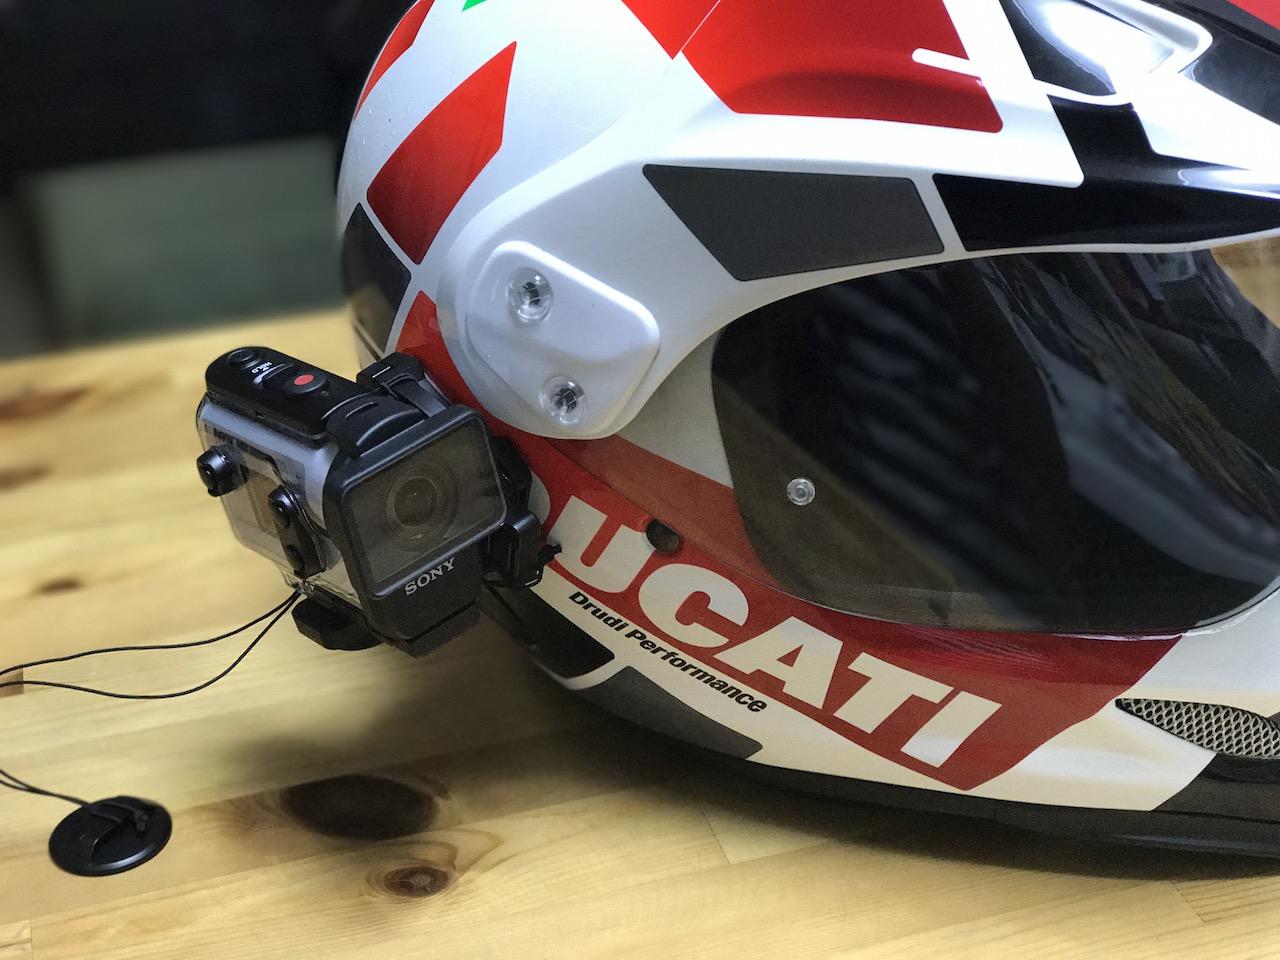 Sony HDR-AS300のアクションカメラを購入してヘルメットにつけてヨーロッパツーリングをより楽しむぞ!!FDR-X3000を選ばなった理由もご紹介